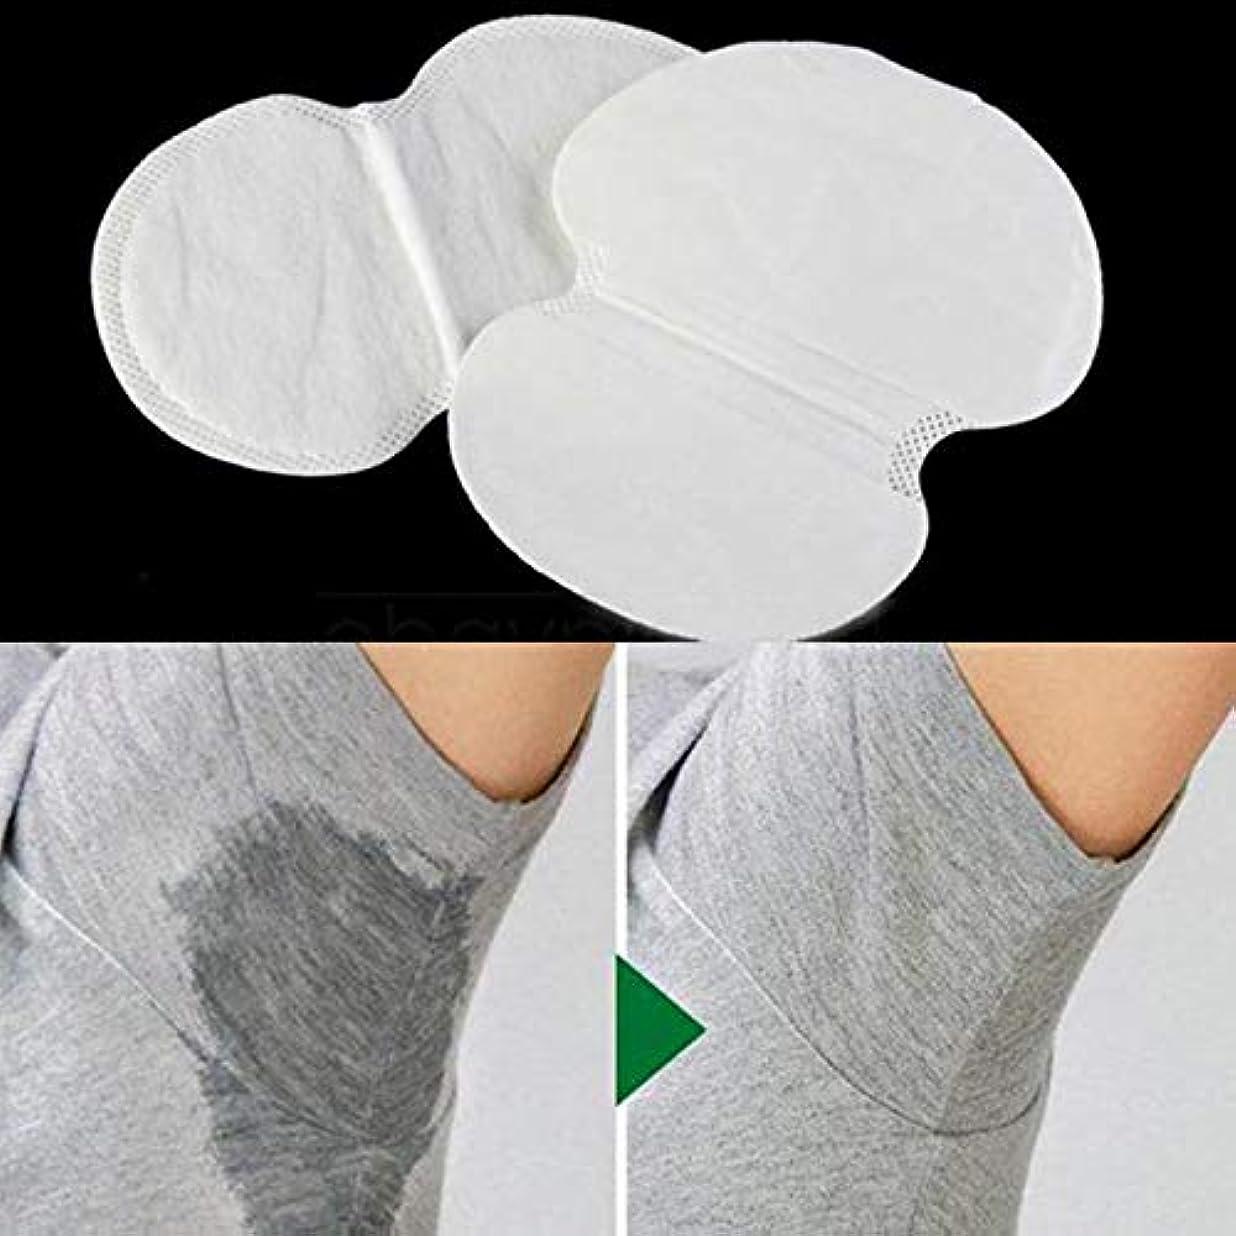 騒壮大中央値2ピース消臭コットンパッド脇の下汗パッド使い捨てストップ汗シールドガード吸収抗発汗汗女性のため